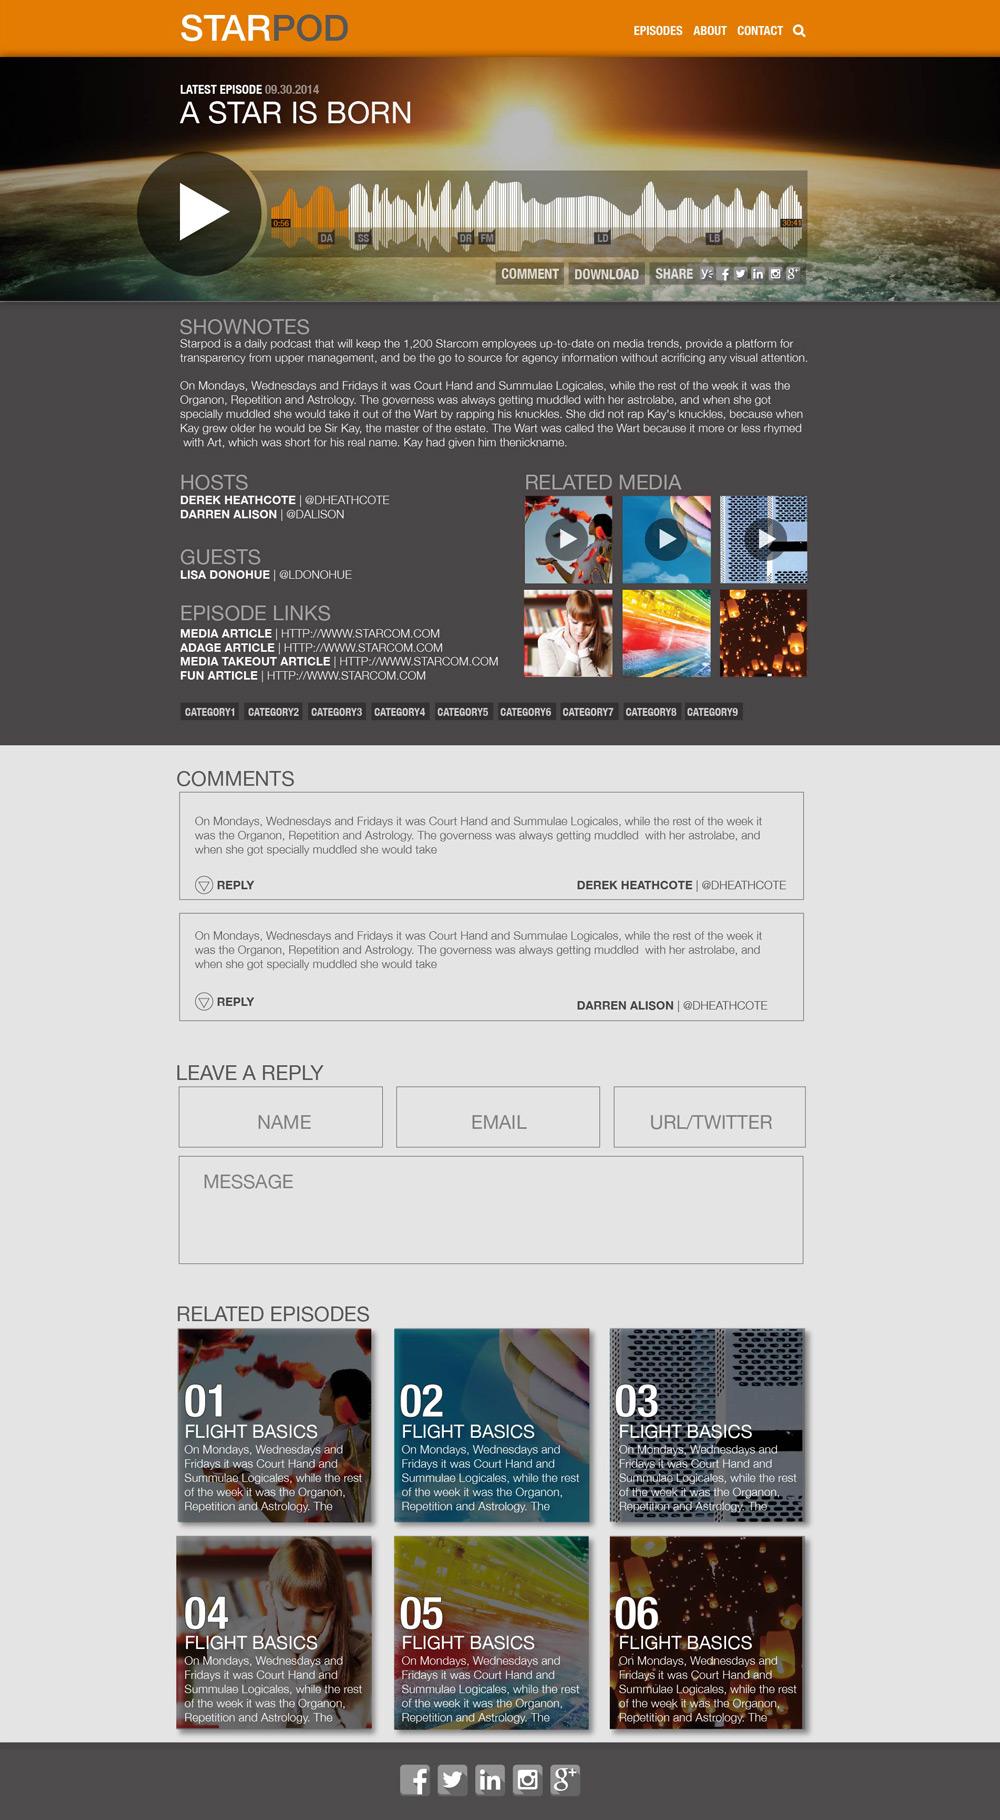 Starcom_Starpod_-_Web-UX_(Final-LR)-10.png